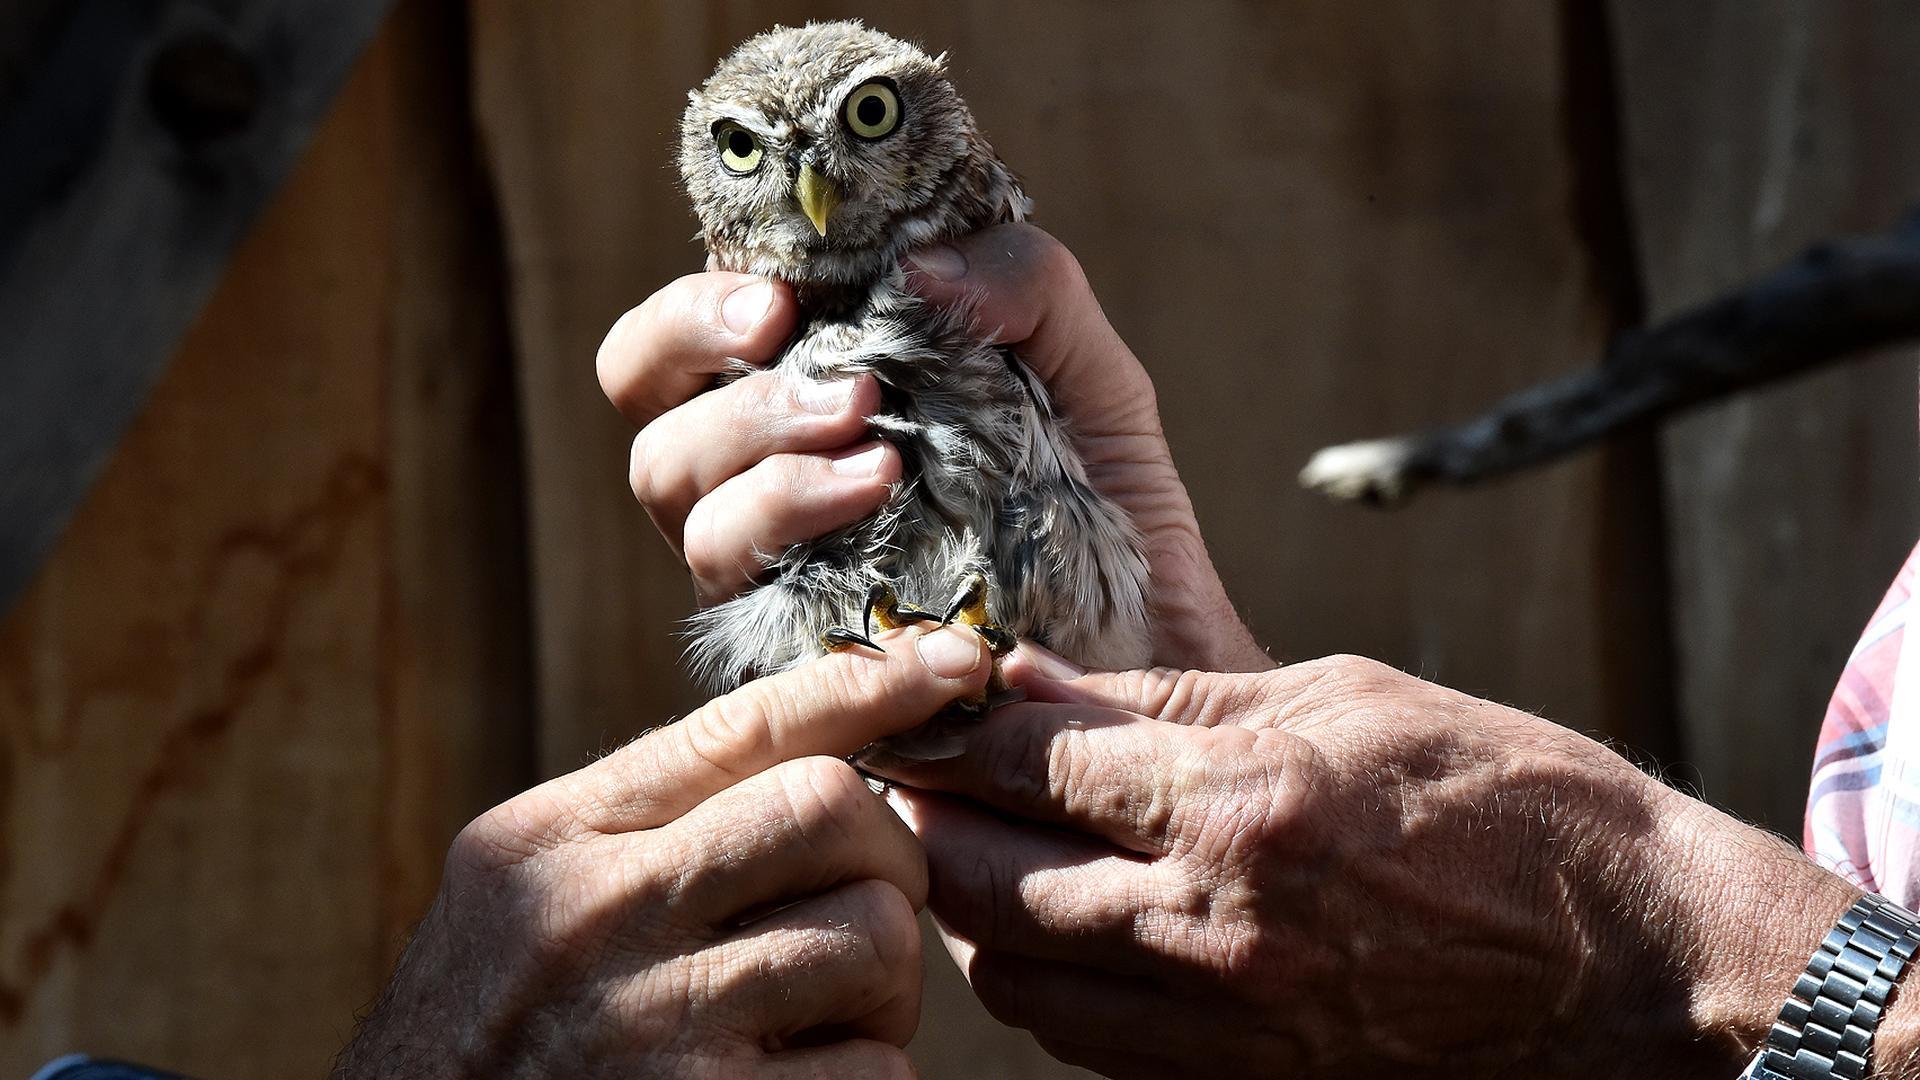 Klein und mit kräftigen Krallen ausgestattet ist der Steinkauz: Die Eule trägt am Fuß einen Ring, der funktioniert wie ein Personalausweis. So können Naturschützer das Tier in freier Natur wiedererkennen.